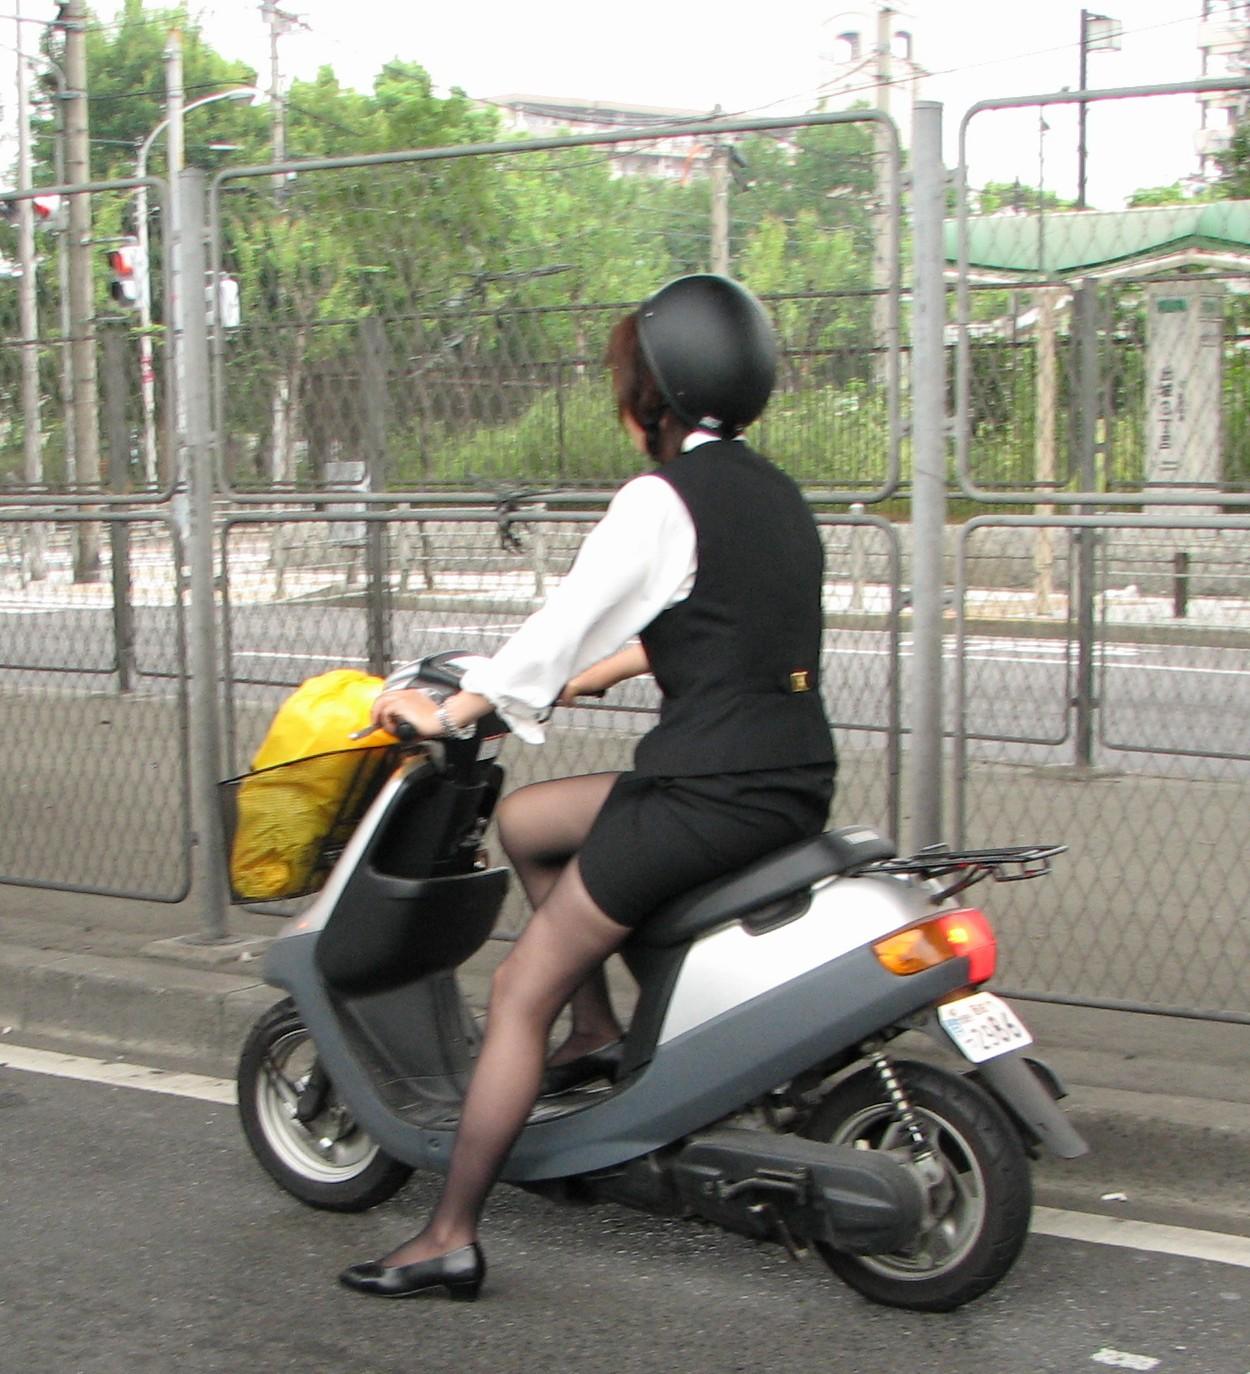 【フェチ画像】代わりに跨ってくれwwwバイクに乗ったお姉さんのムチムチ下半身に視線釘付け 15